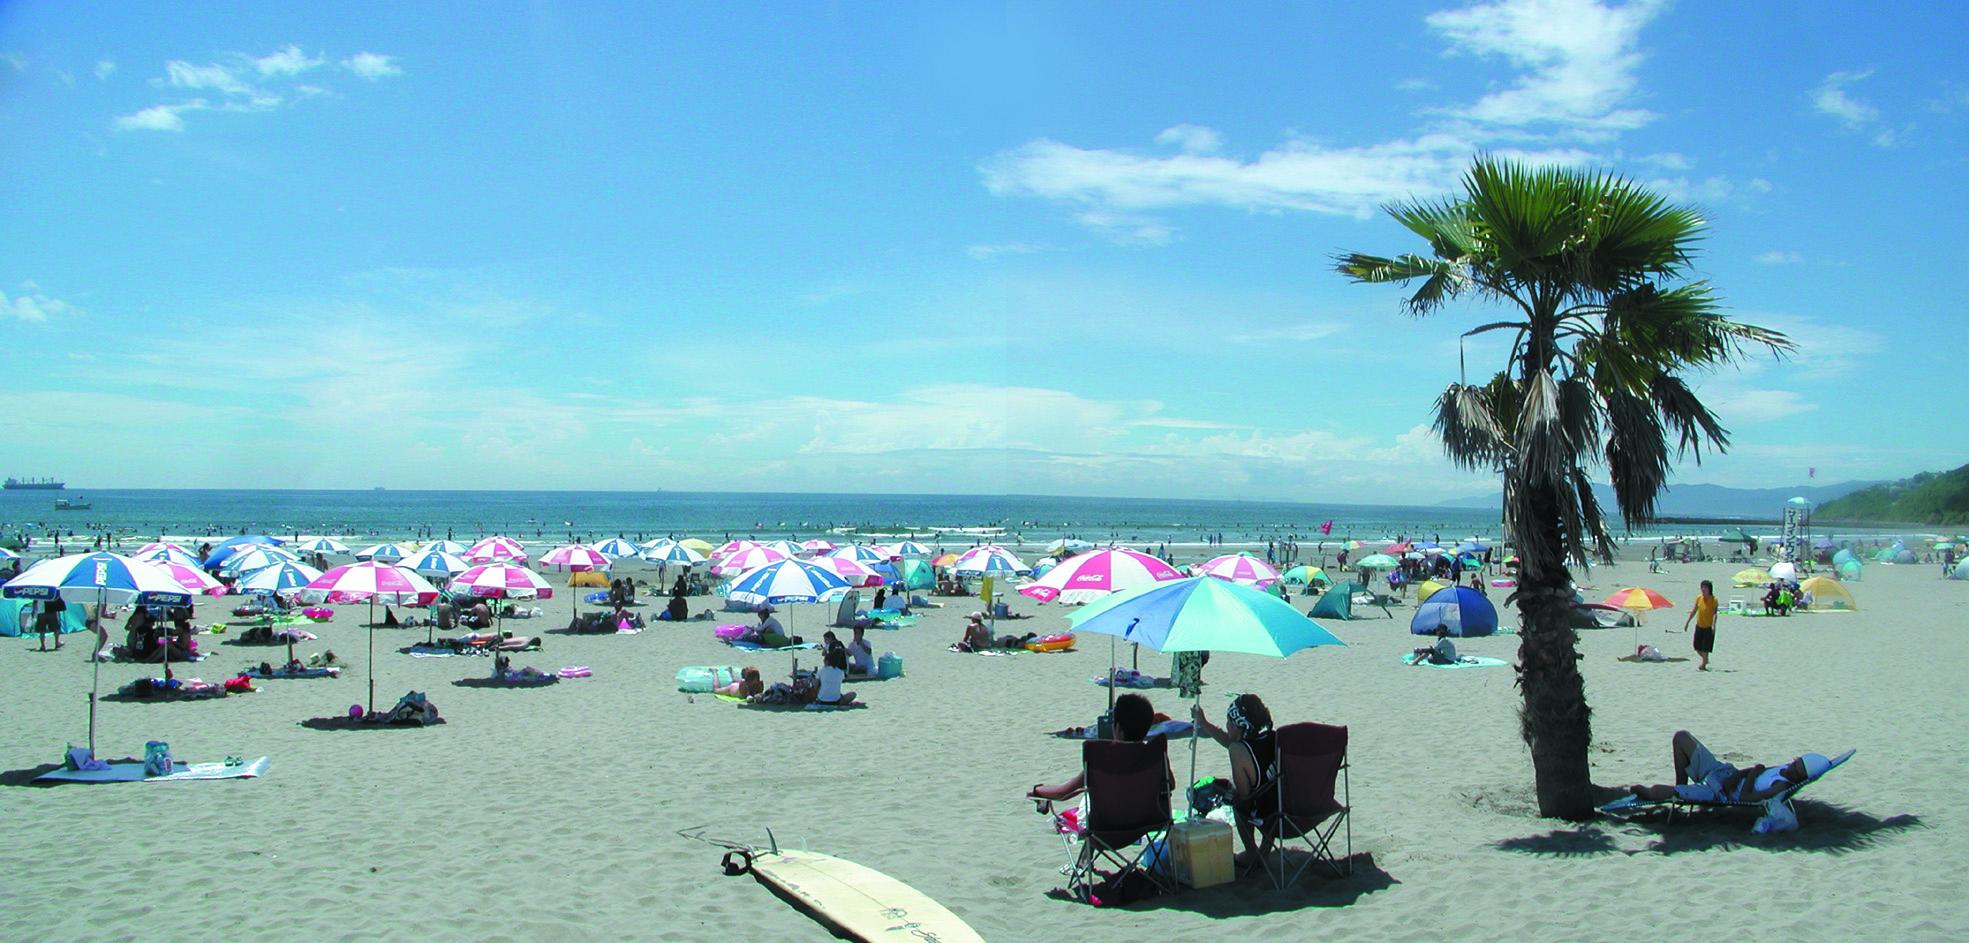 2010/8/7.8 砂浜祭り